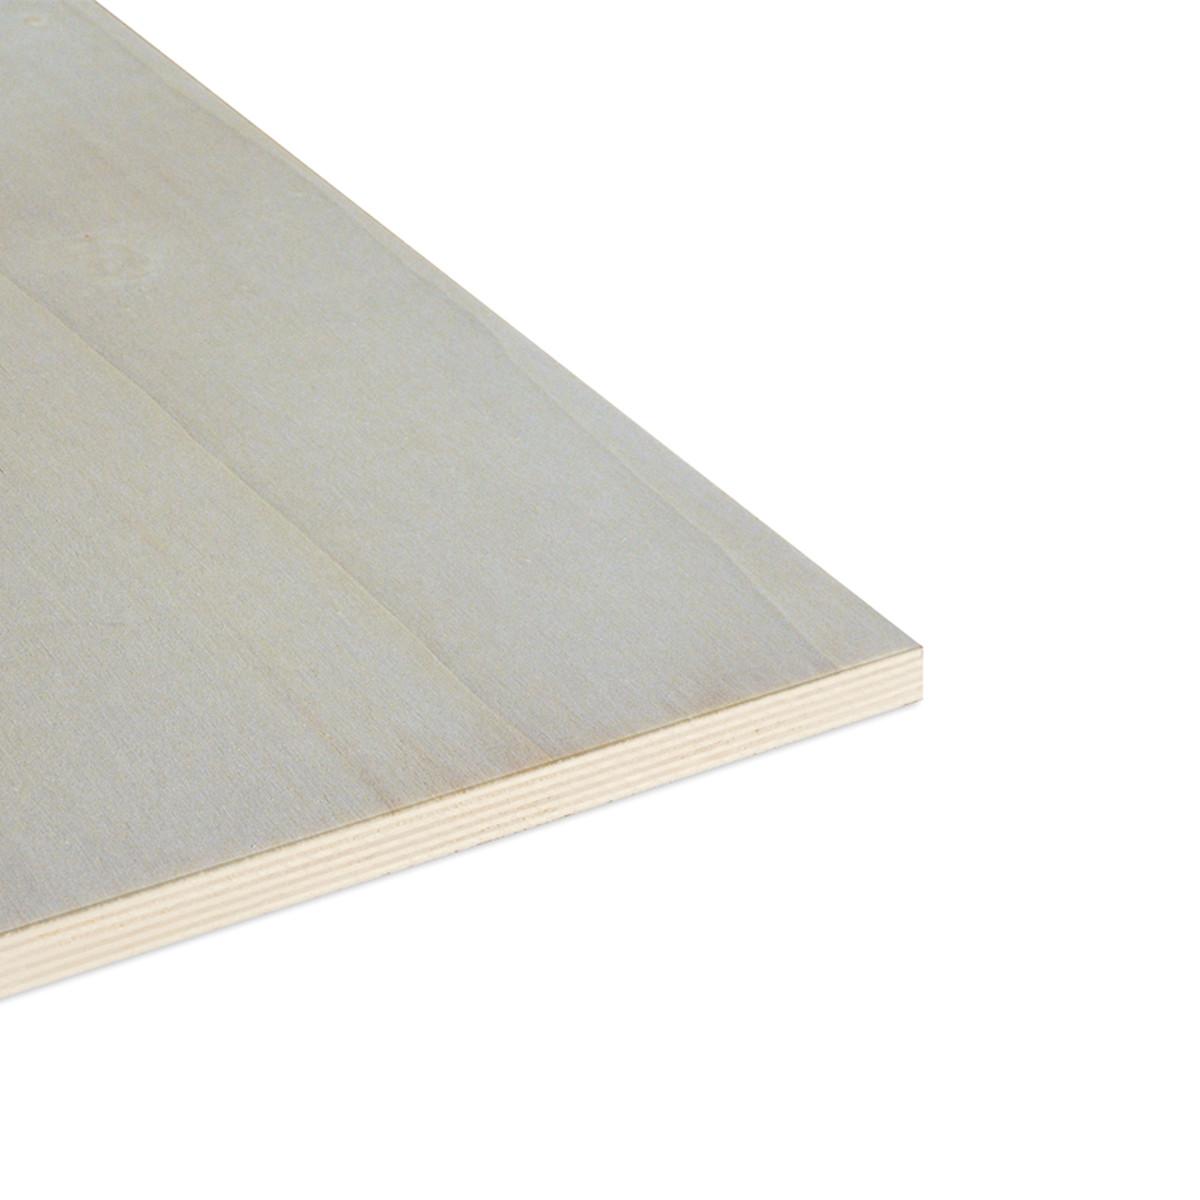 Pannello compensato multistrato pioppo 22 mm al taglio for Pannelli multistrato prezzi